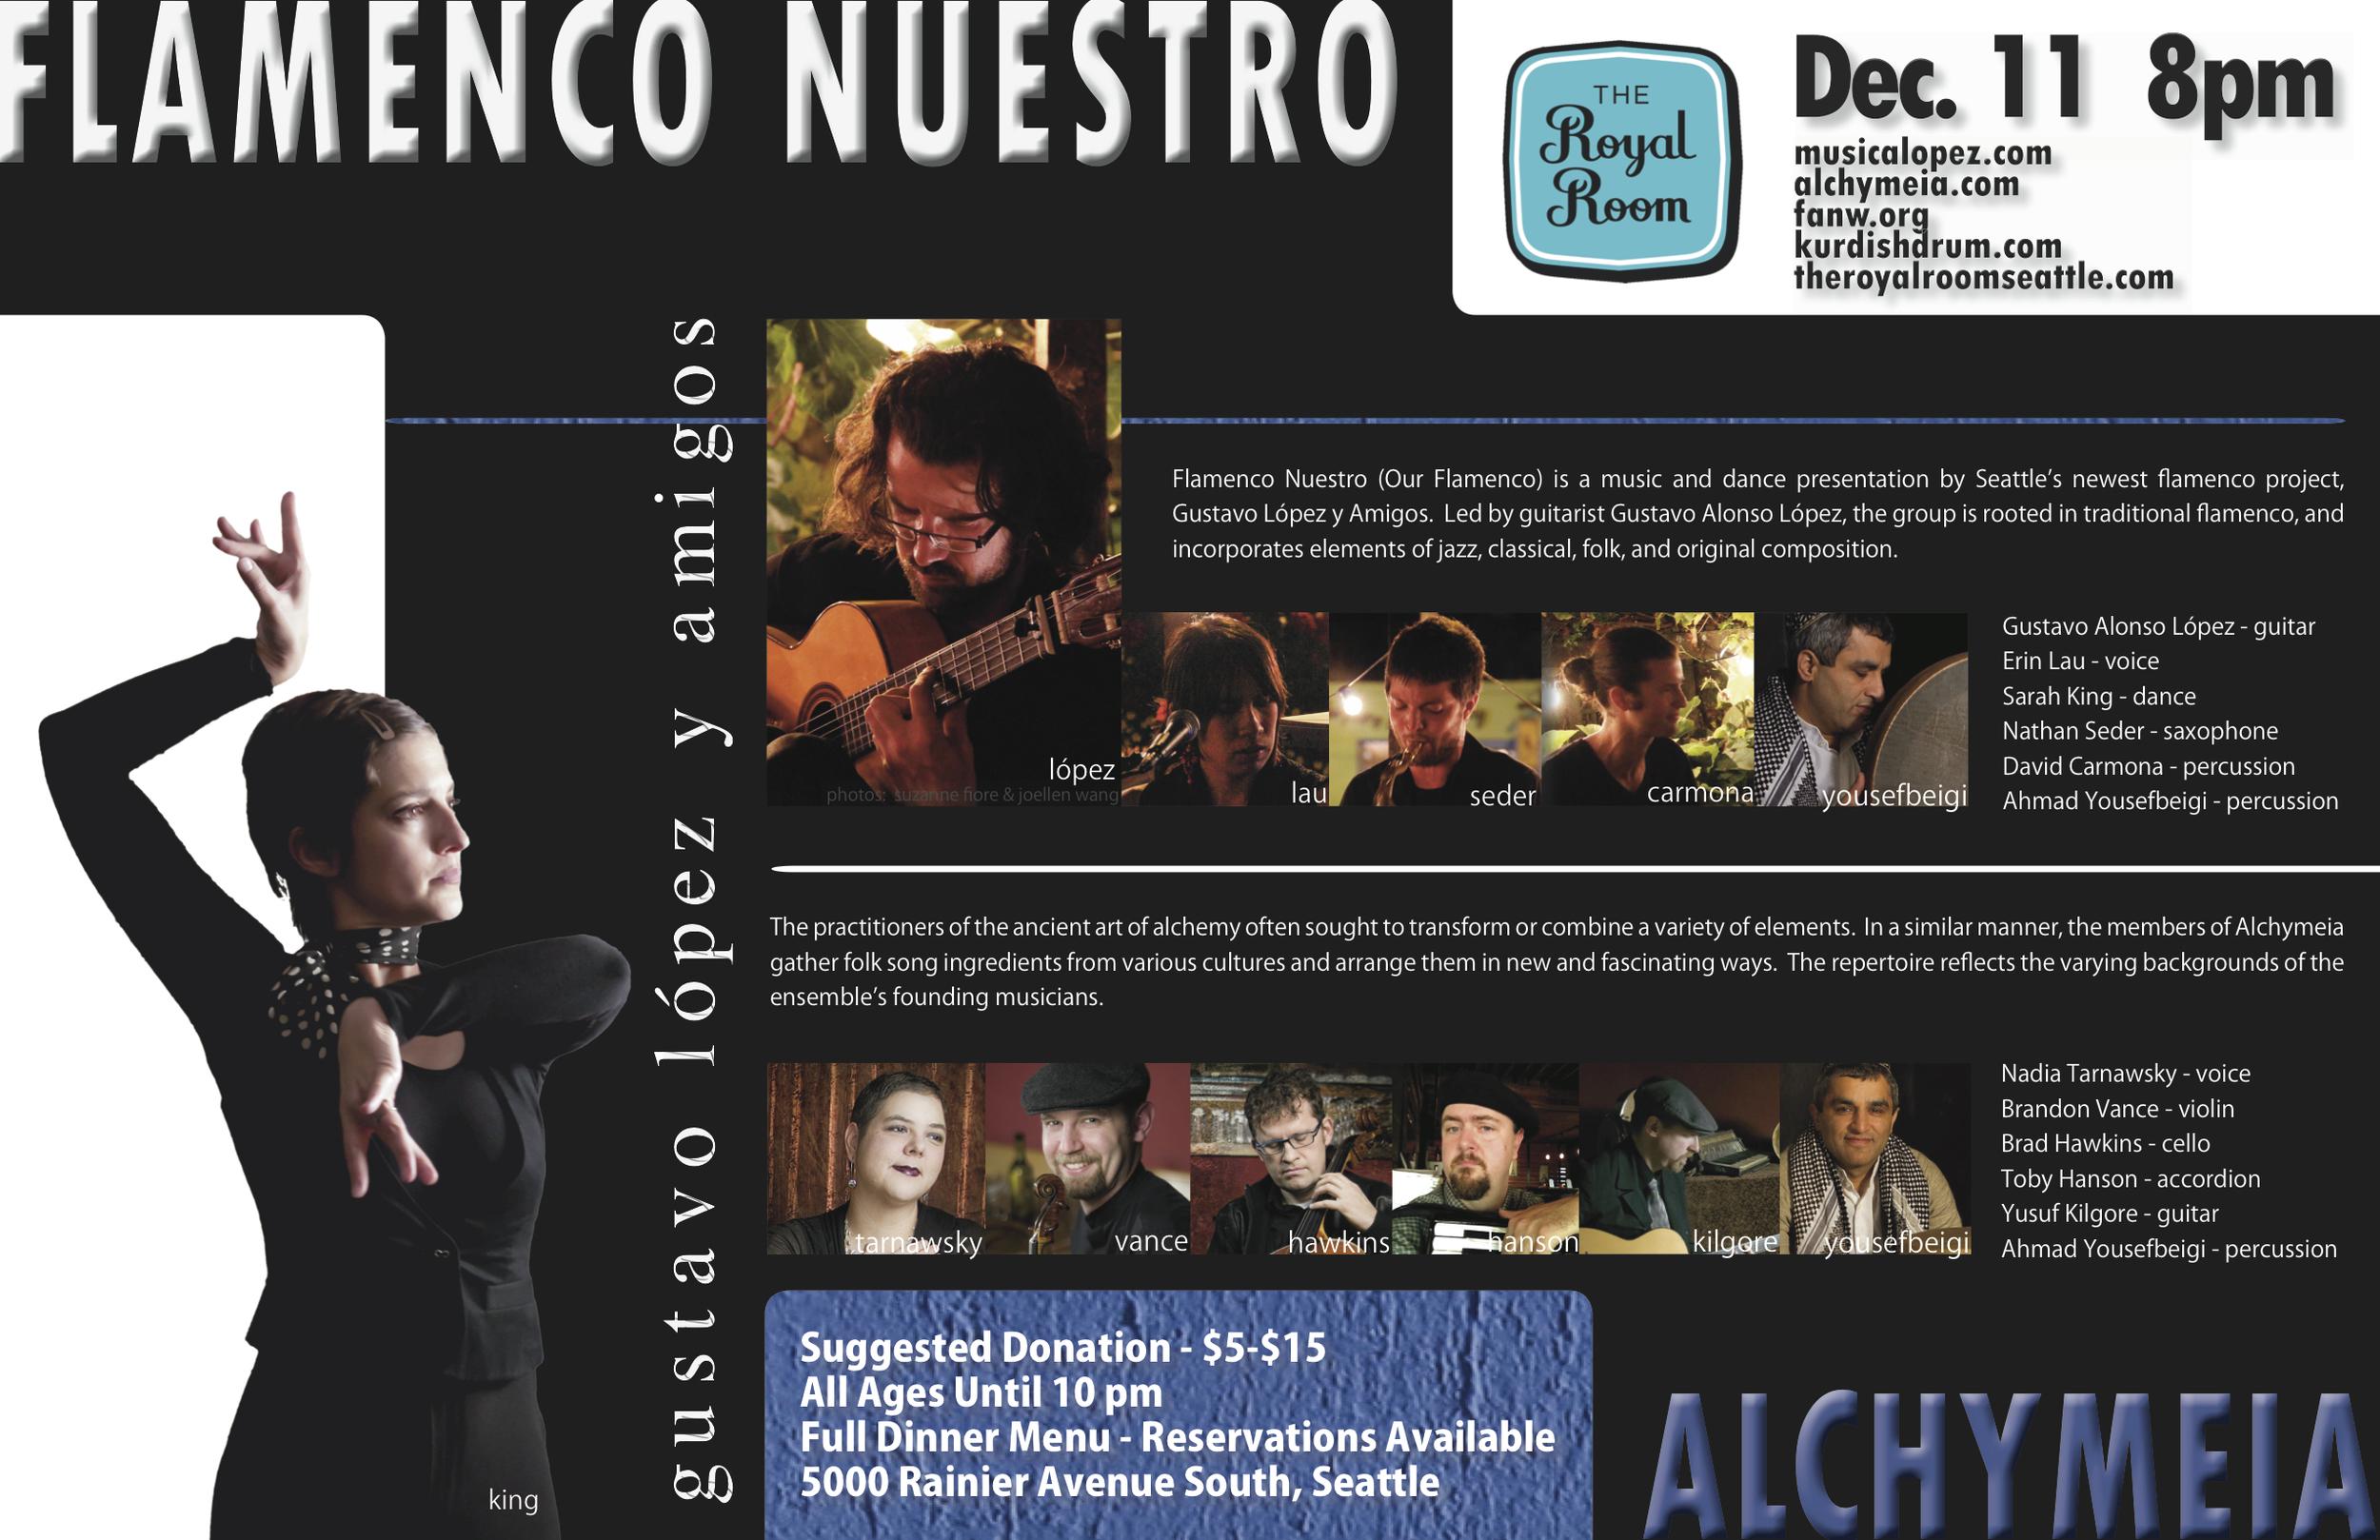 FlamencoNuestro-Alchymeia - Royal Room - FINAL.jpg